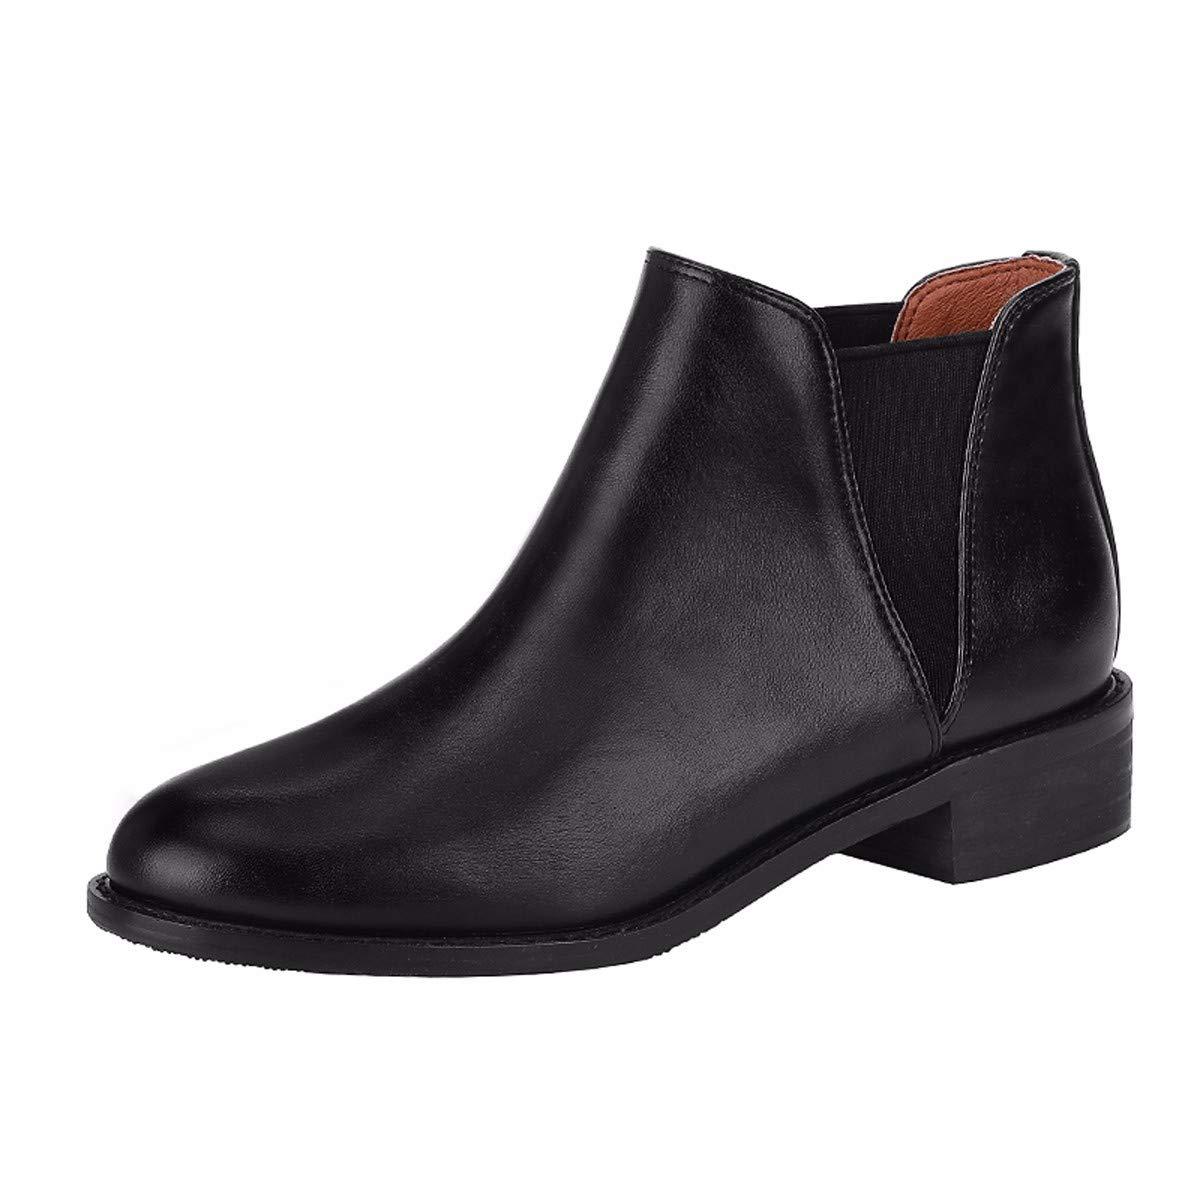 KOKQSX-Damen - Stiefel echtes Leder Runden Kopf modischen Stiefeletten Chelsea Stiefel.